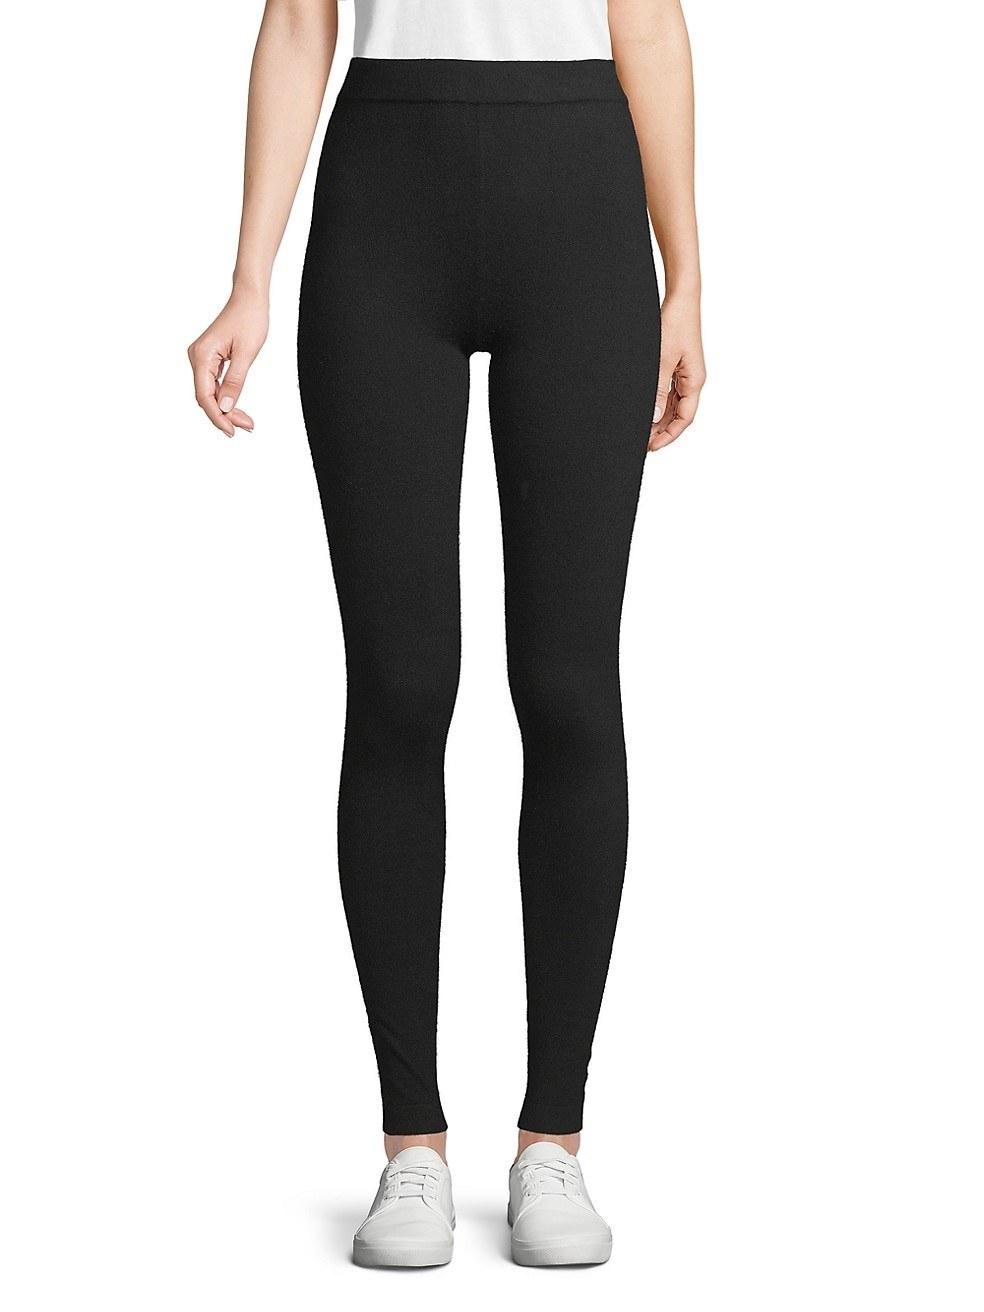 Model in the black high-waisted leggings